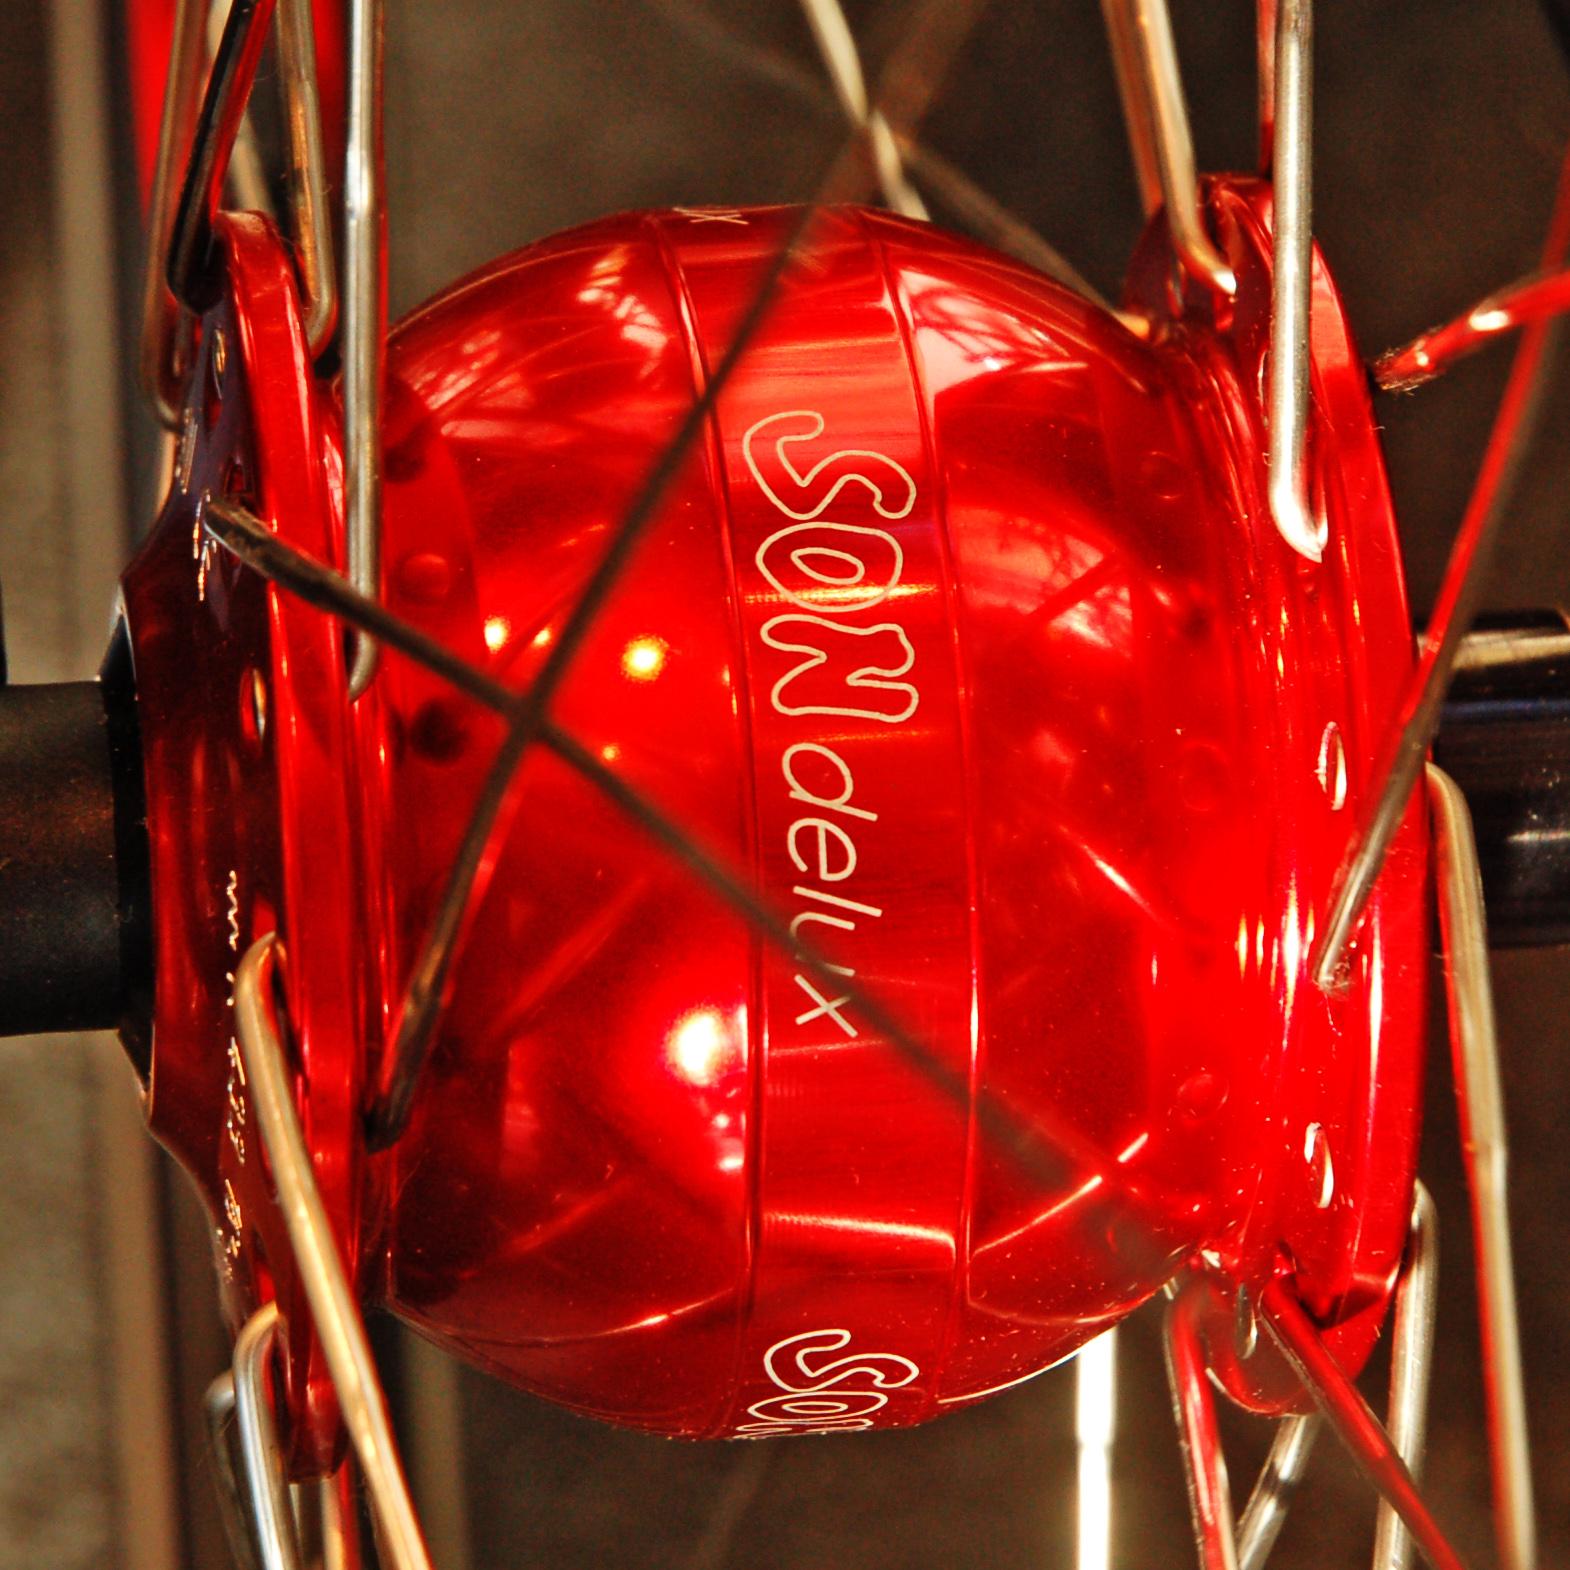 Fahrradtechnik-by-RalfR-3.jpg